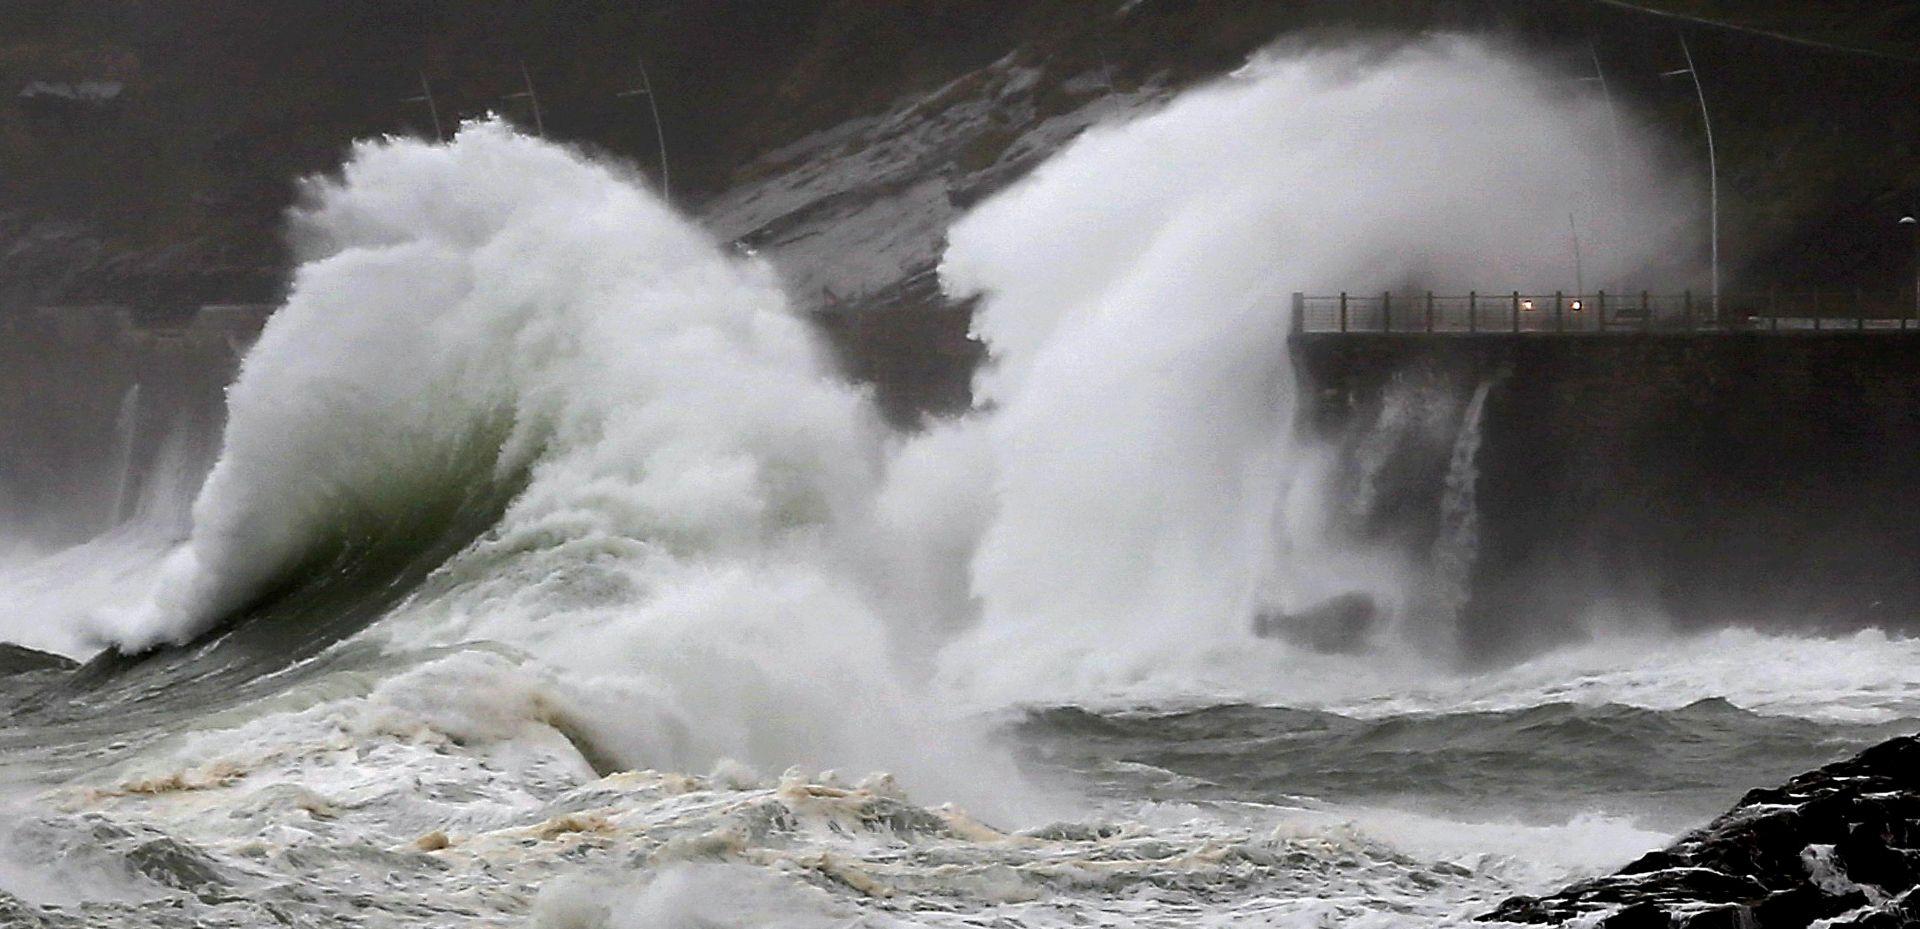 Oluja na zapadu Europe: Manja šteta i otkazivanje letova